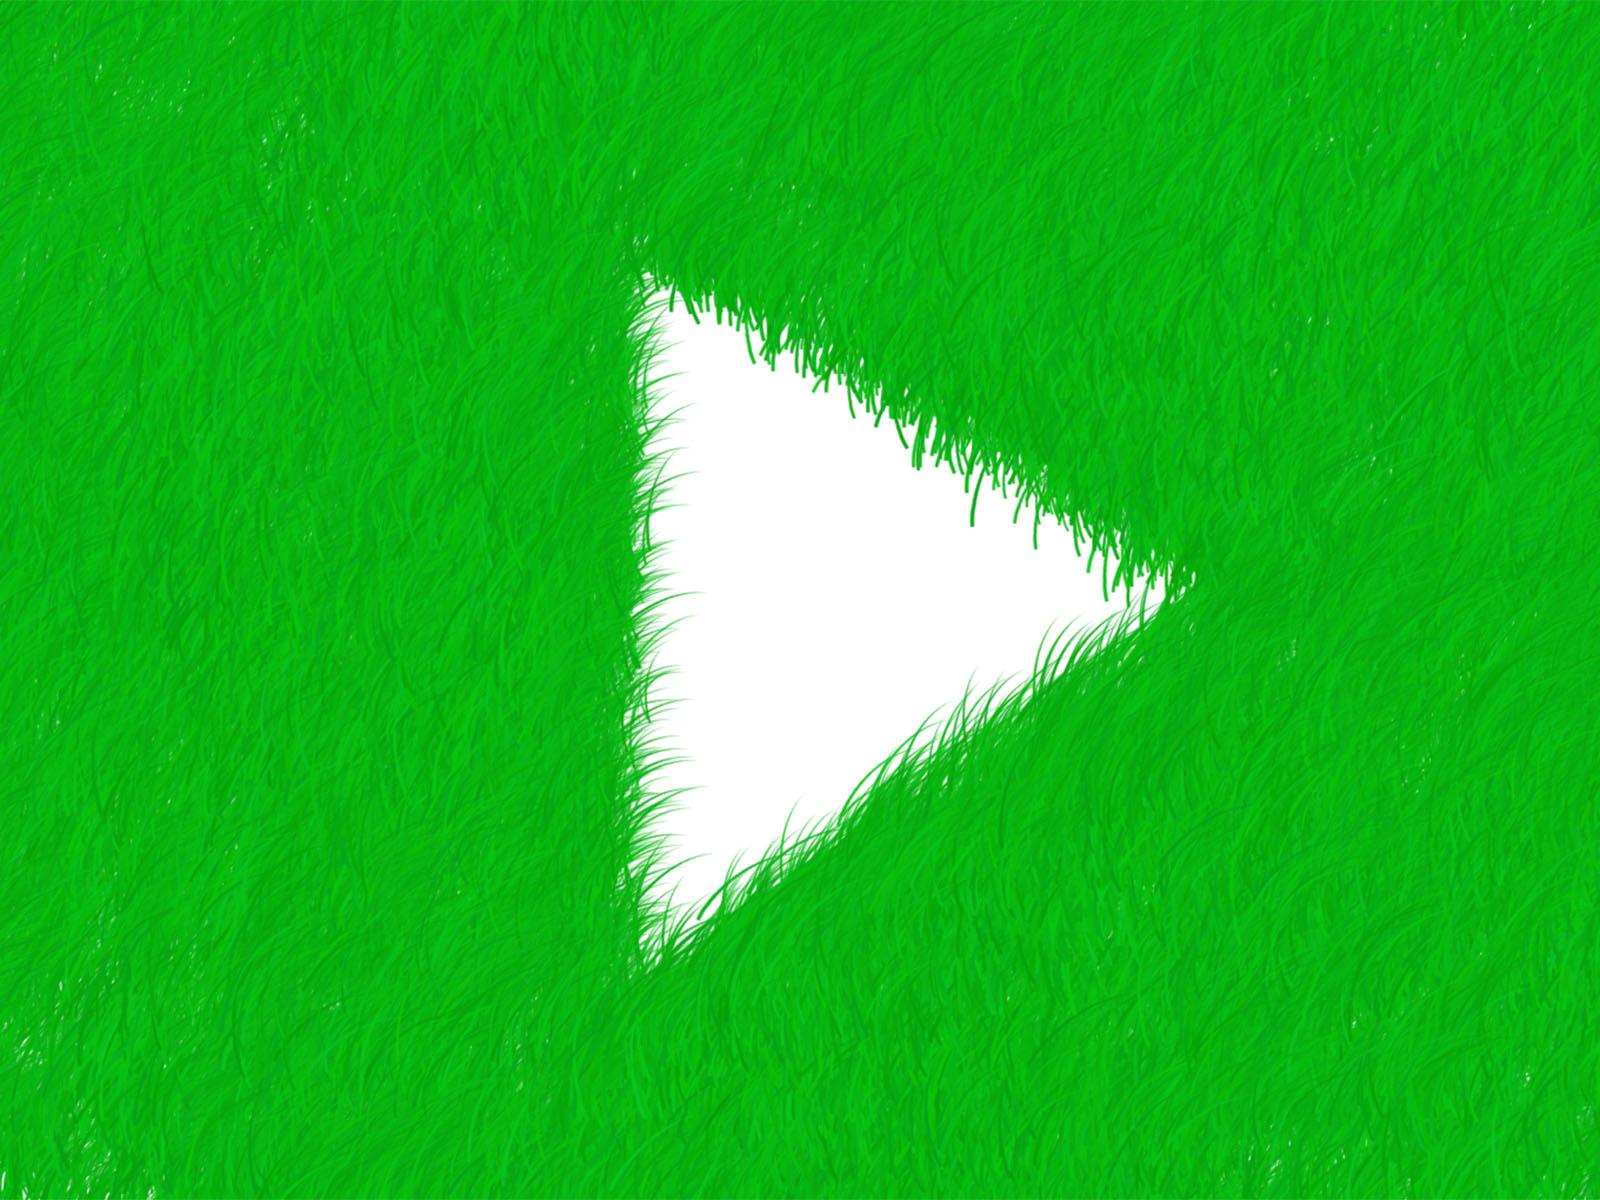 Social Grass Backgrounds